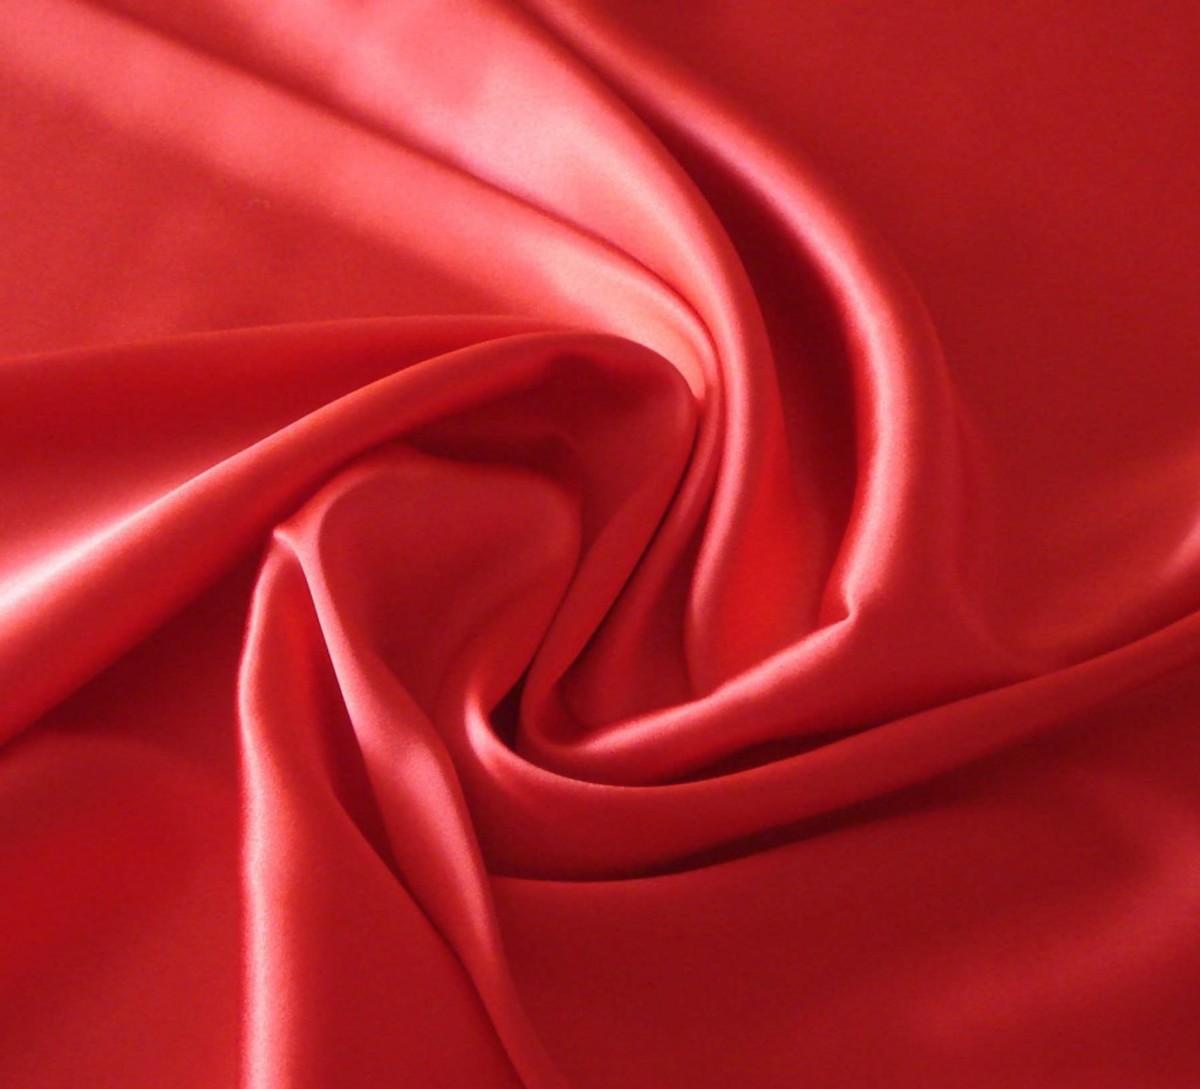 silk-sheet-1024x929